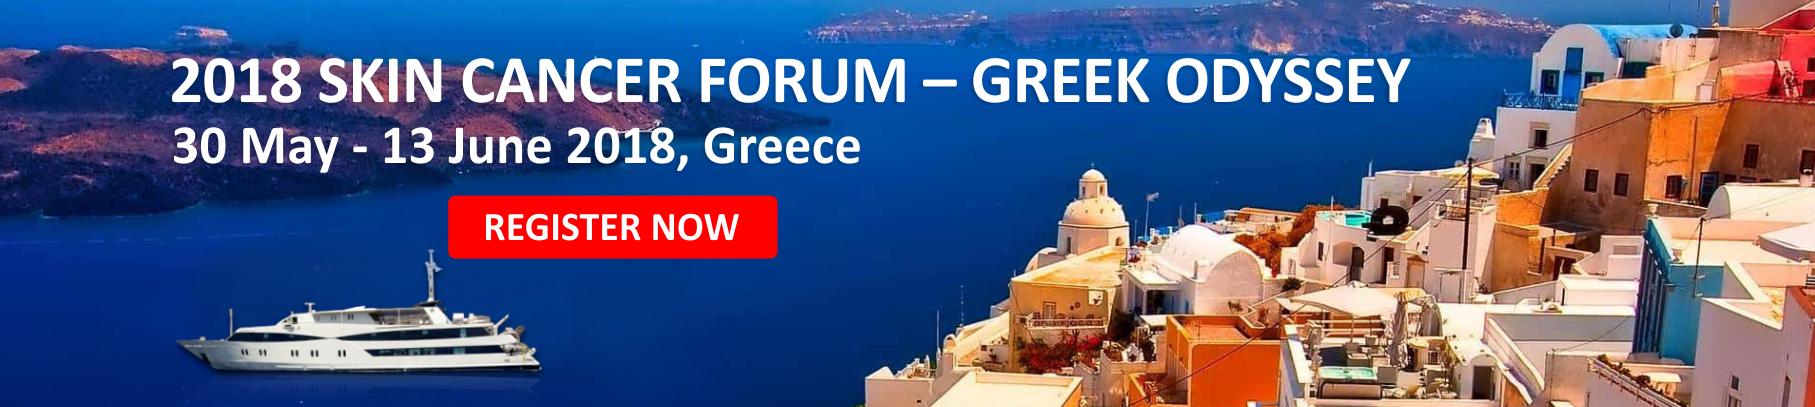 2018 Skin Cancer Forum - Greek Odyssey